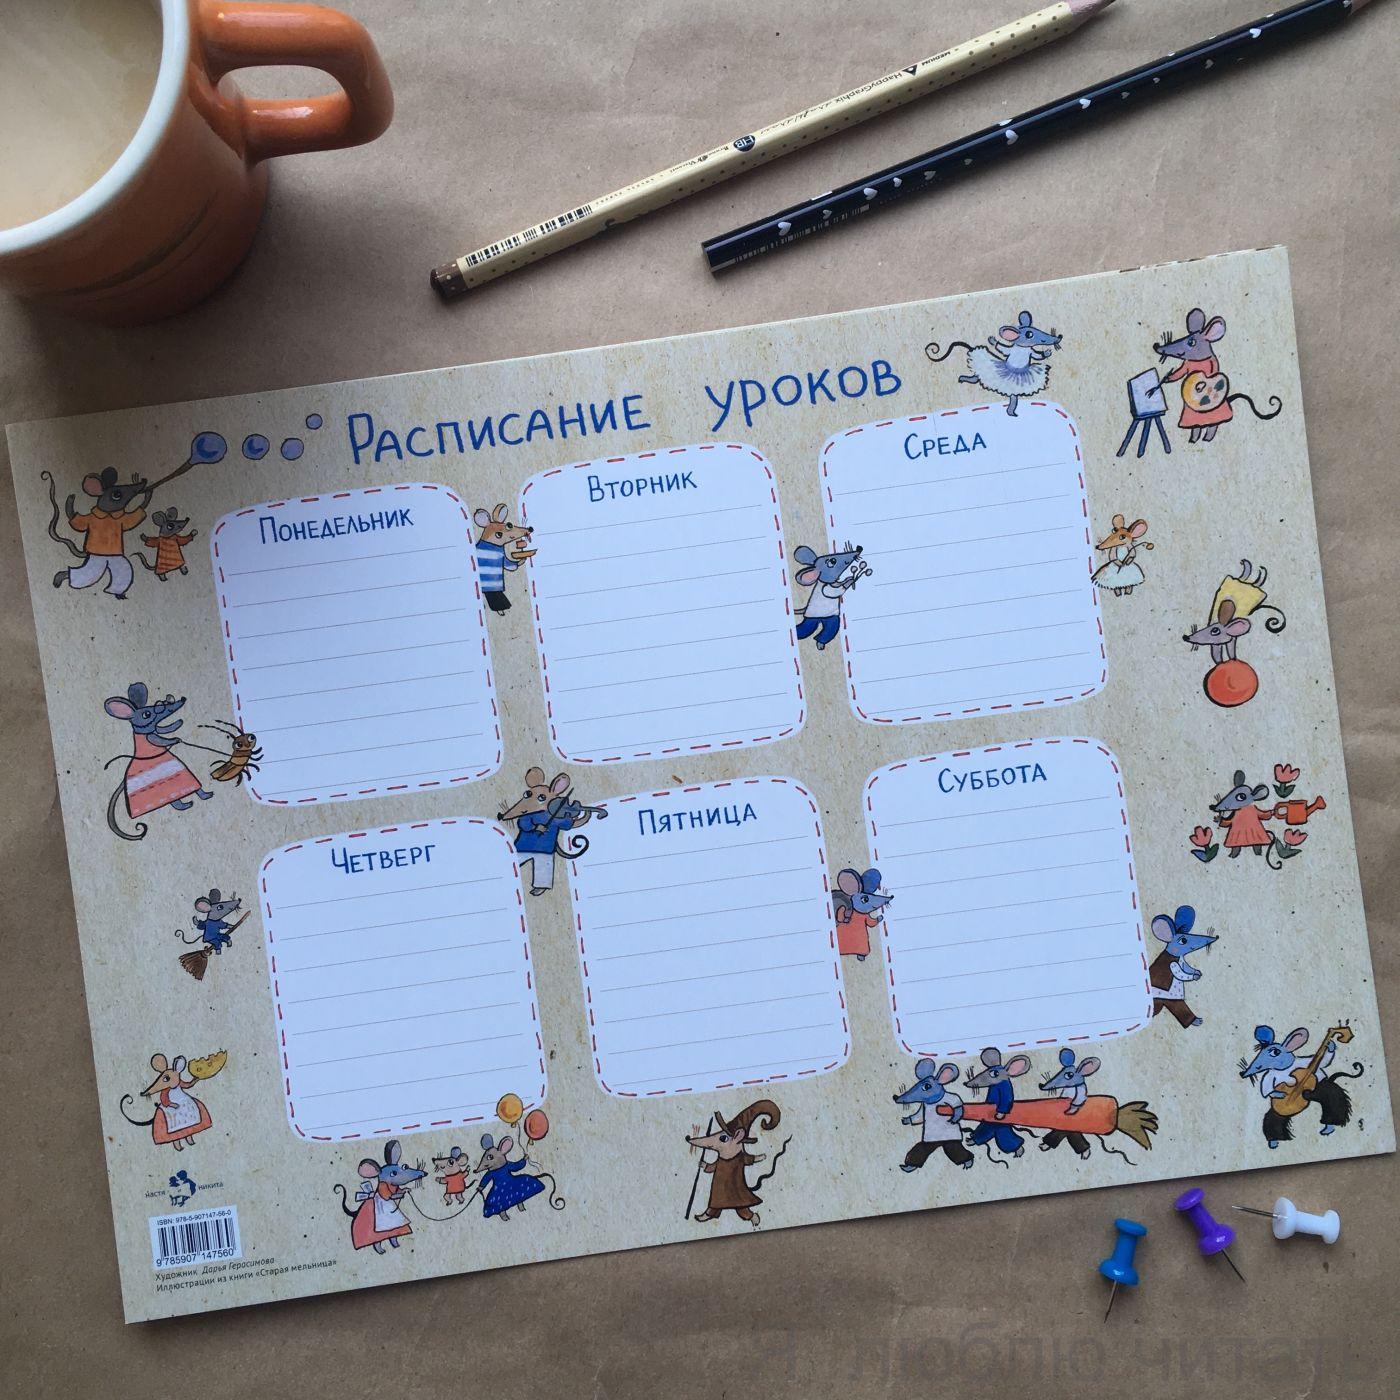 Расписание уроков. Мыши